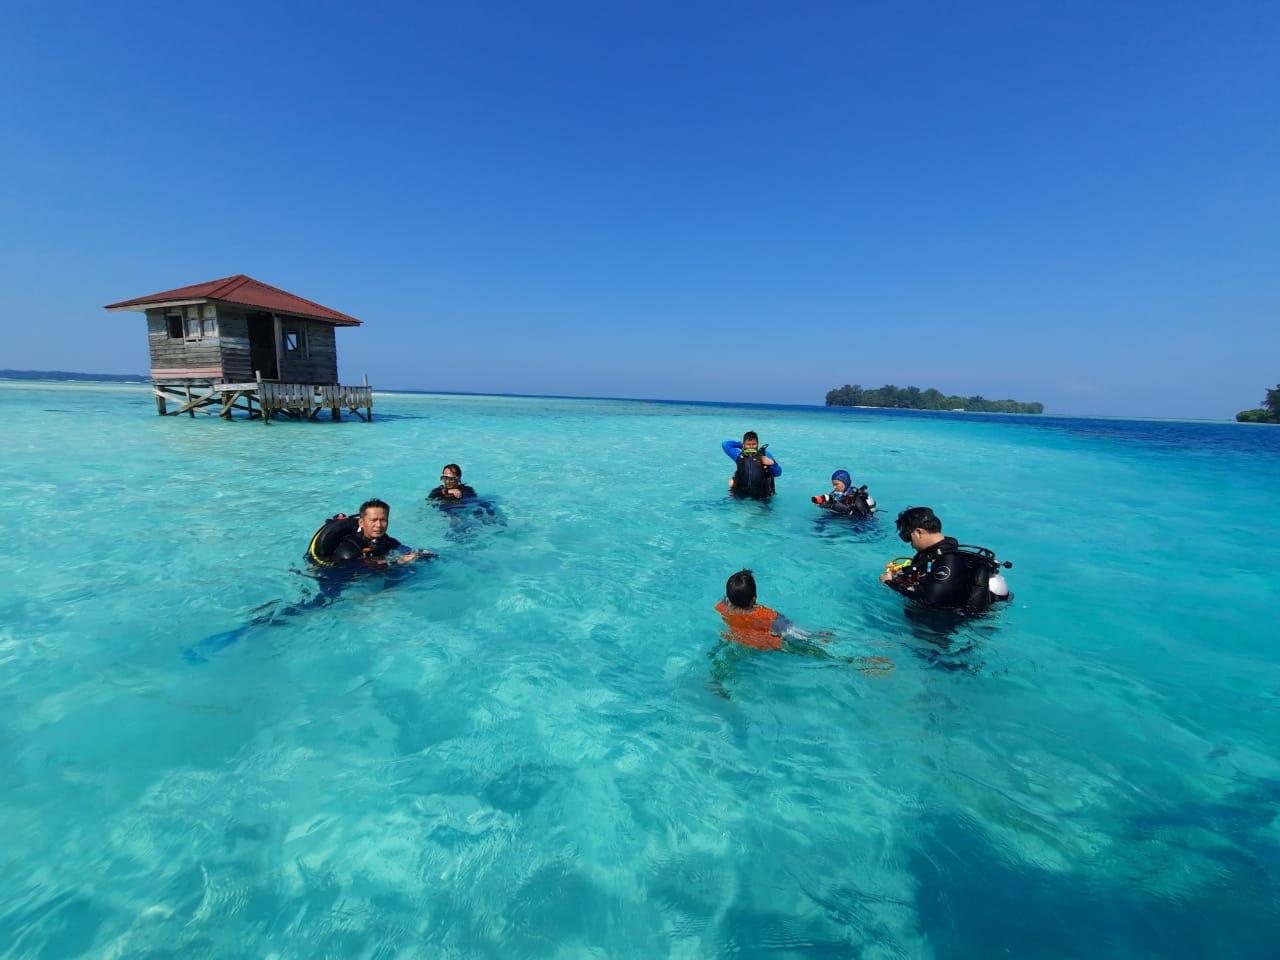 Wisata khusus selam di Kepulauan Seribu, DKI Jakarta